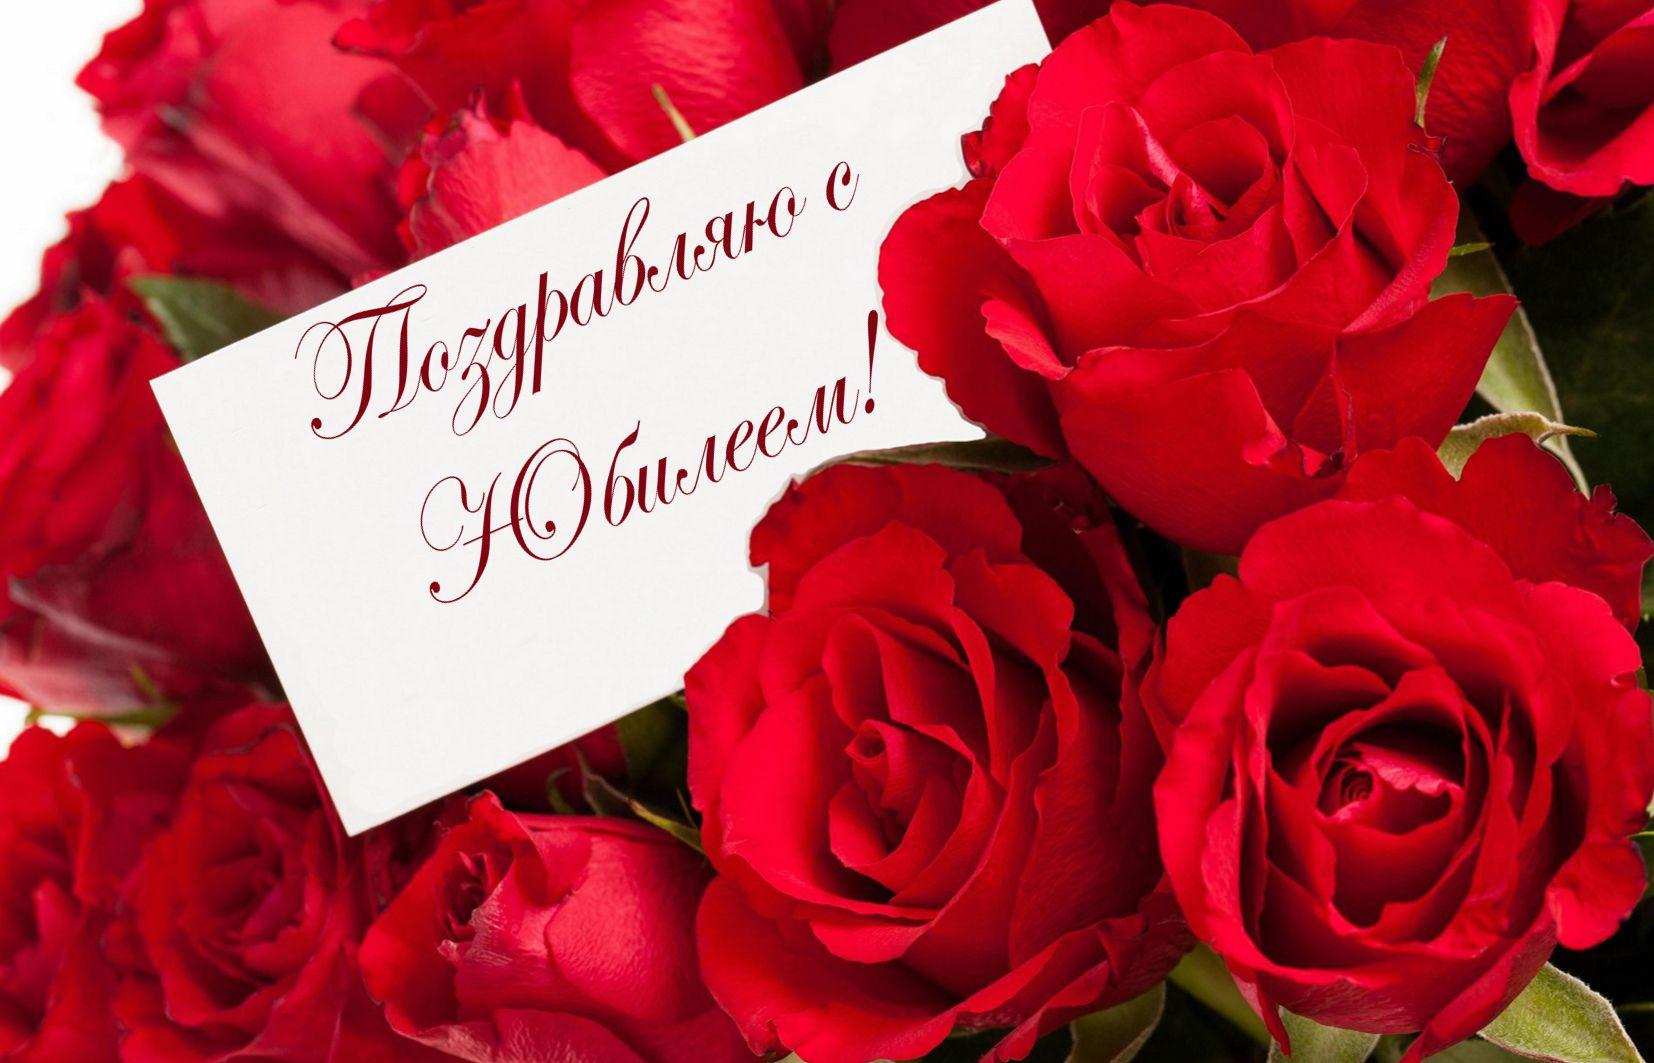 Открытки букеты из роз или просто одиночные розы - 3D галерея 70